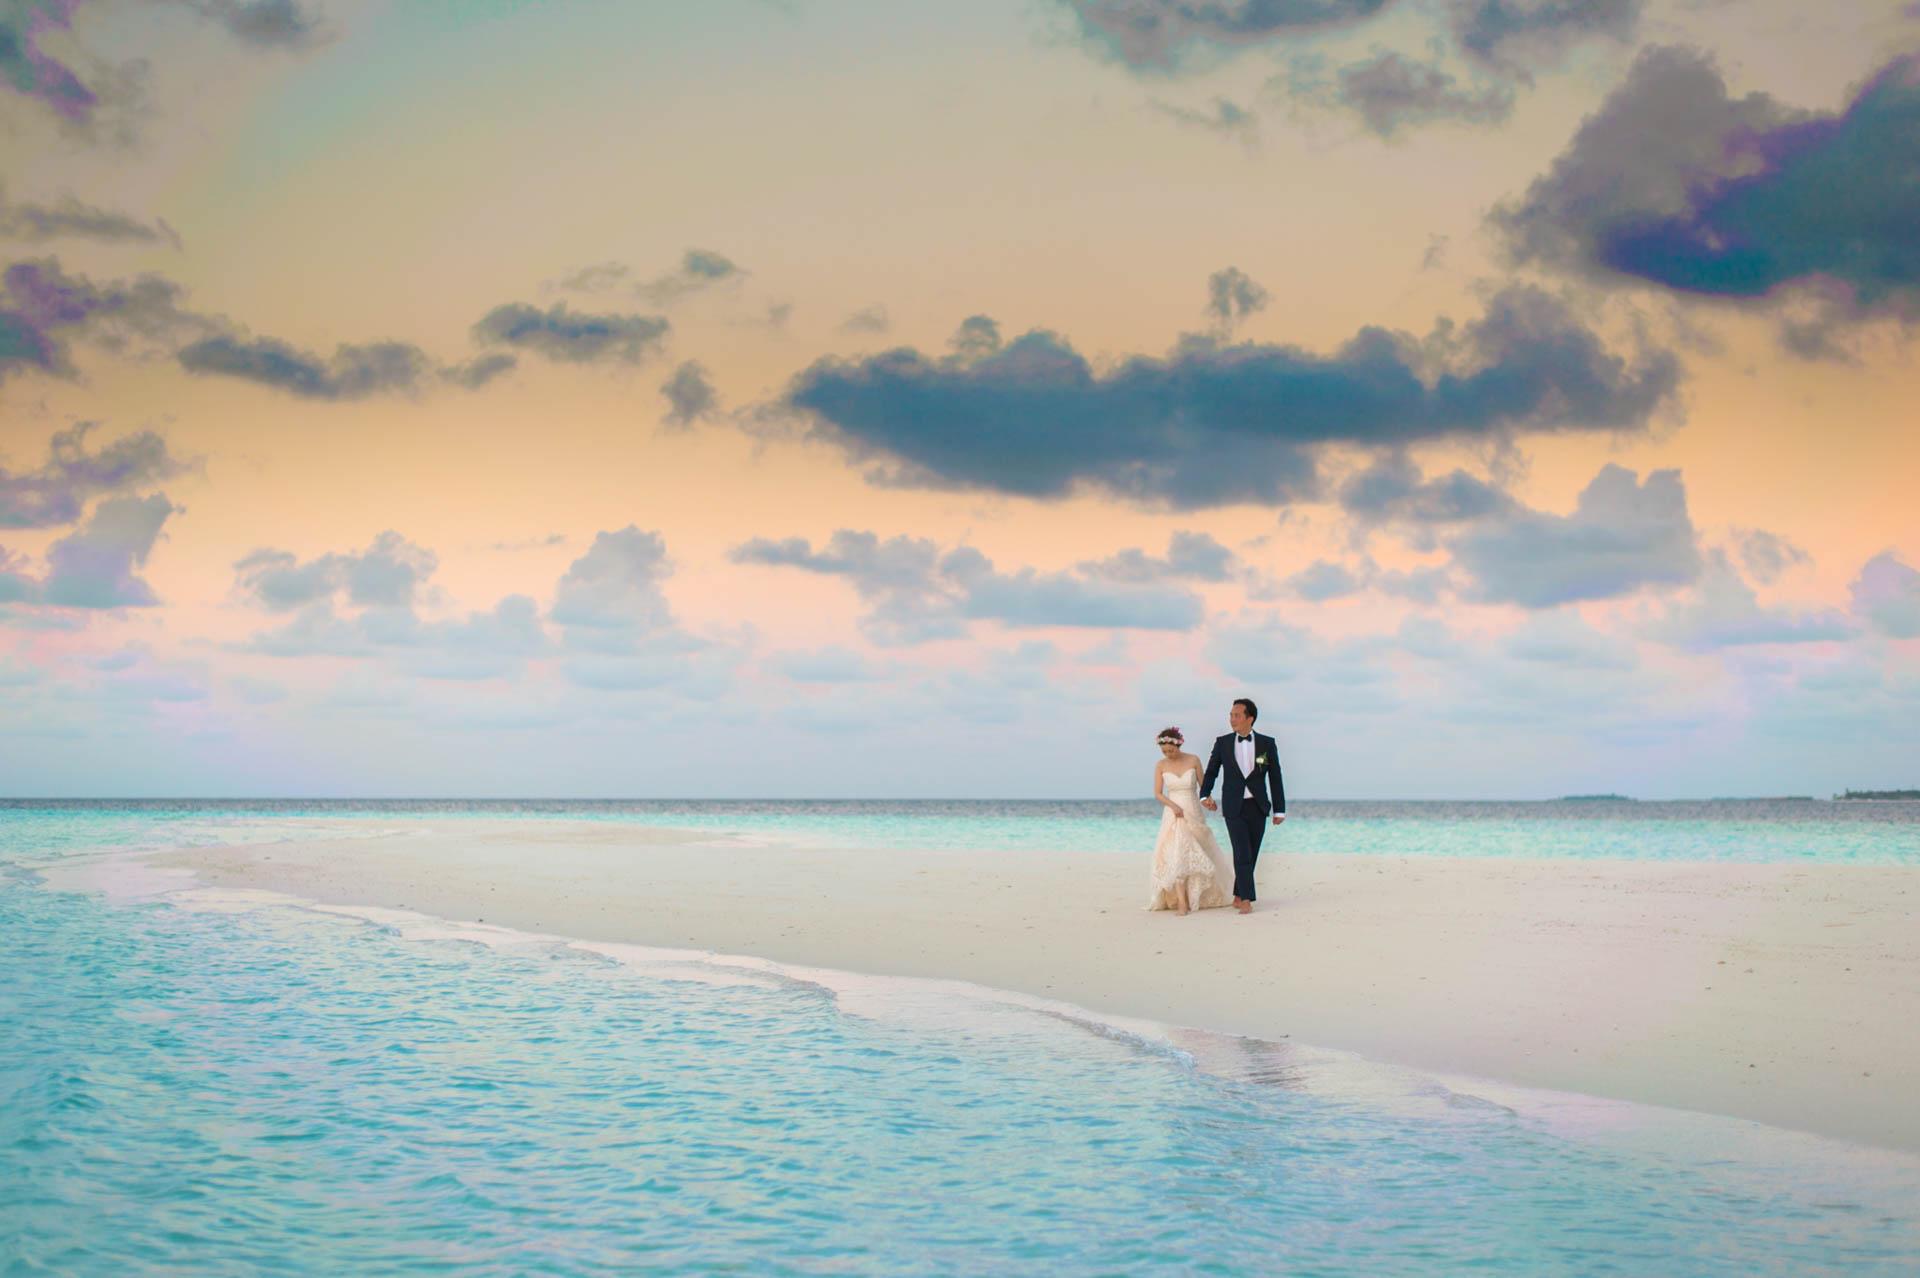 Kang Kim Sand Bank Wedding at St Regis Vommuly Maldives 17